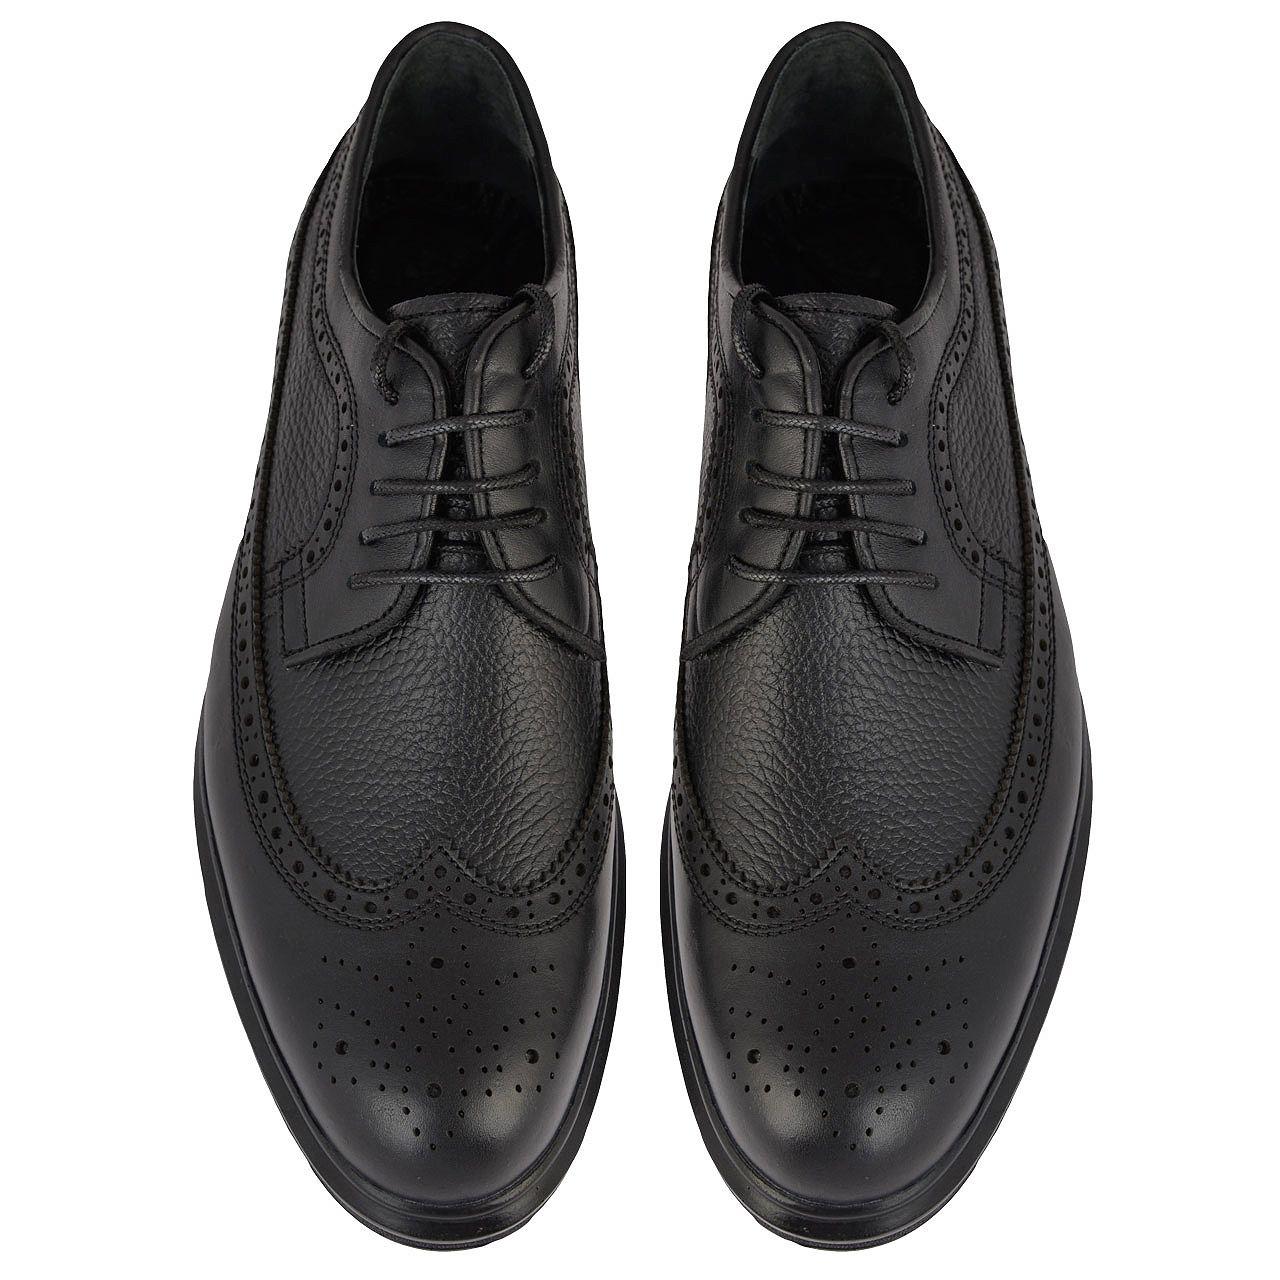 کفش روزمره مردانه کد 324006802 -  - 5